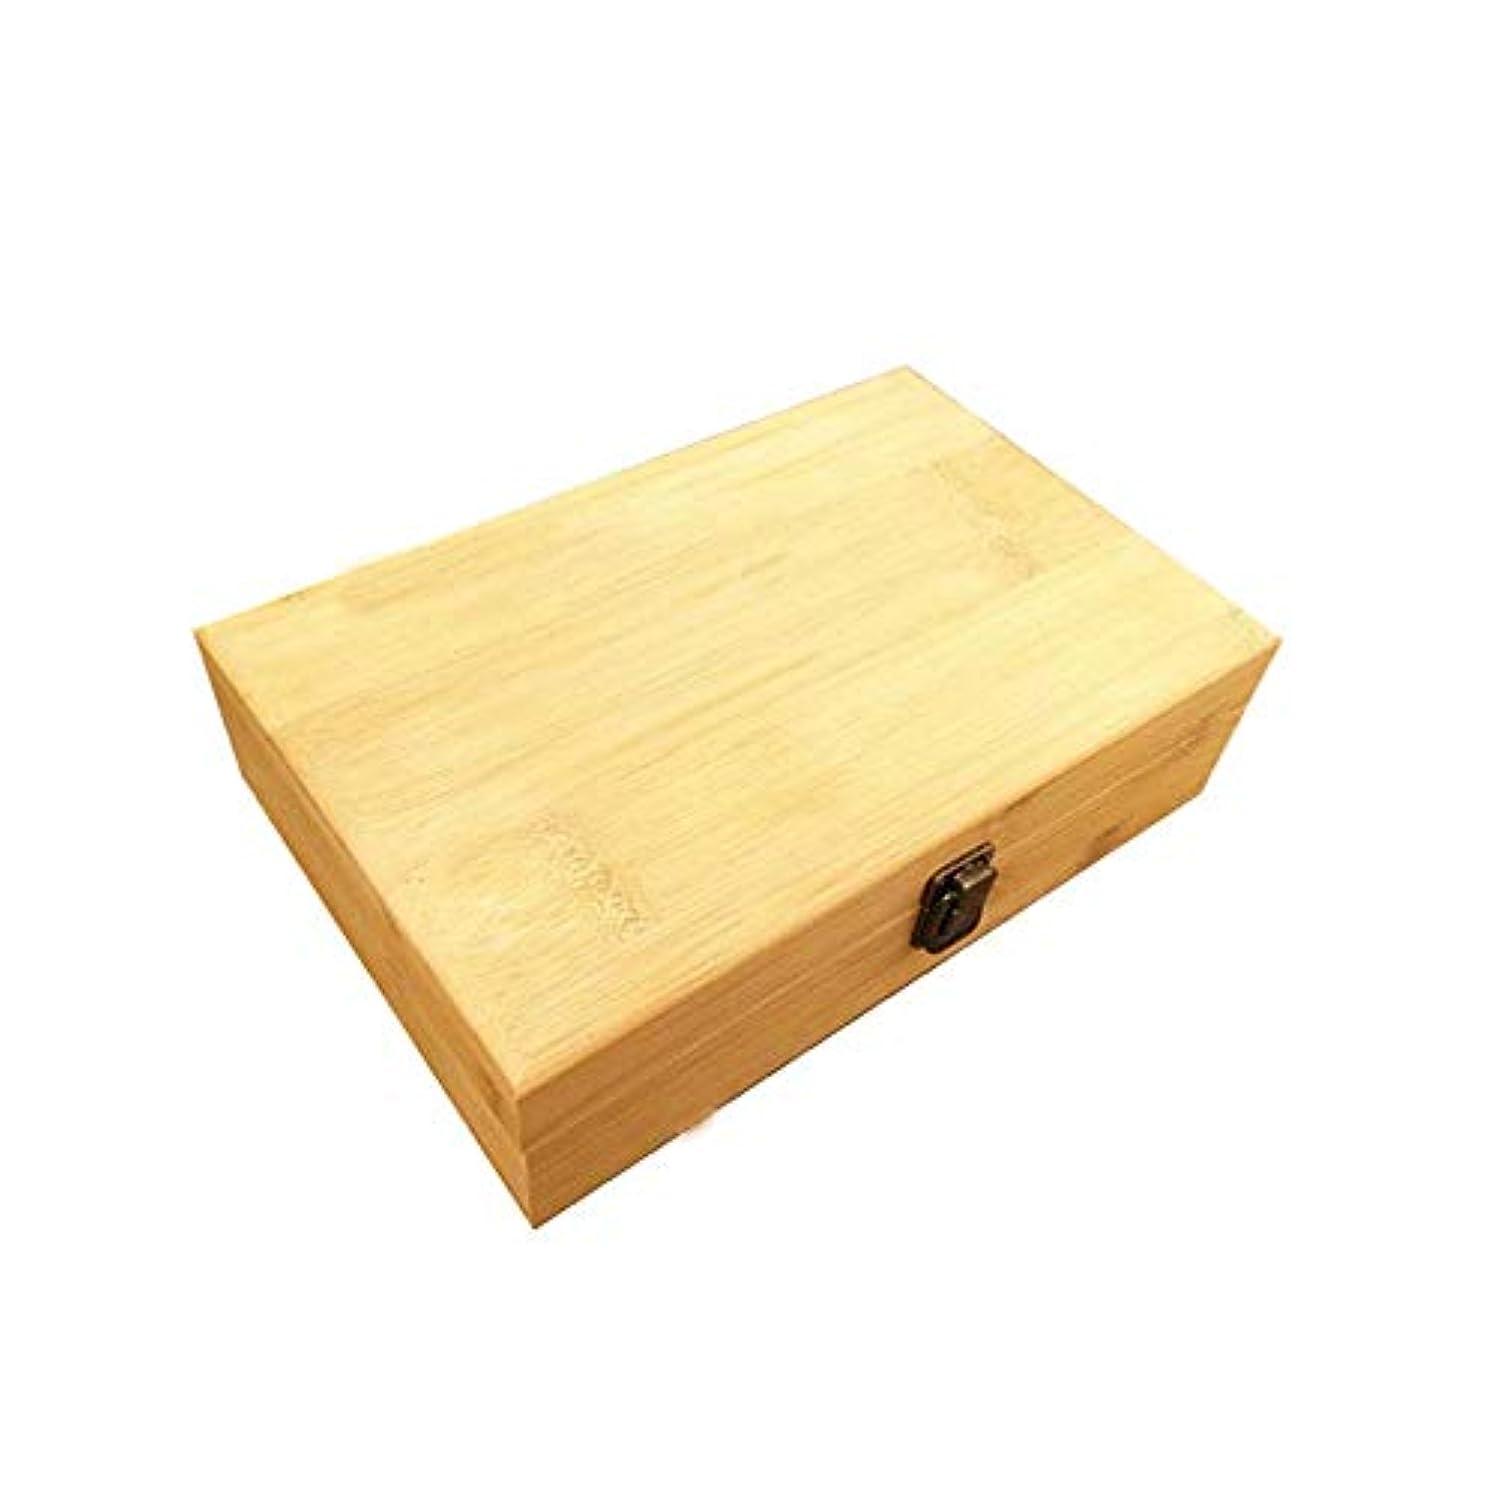 スペル墓地ライフルエッセンシャルオイルの保管 40スロットエッセンシャルオイルボックス木製収納ケースは、40本のボトルエッセンシャルオイルスペースセーバーの開催します (色 : Natural, サイズ : 29X18.5X8CM)